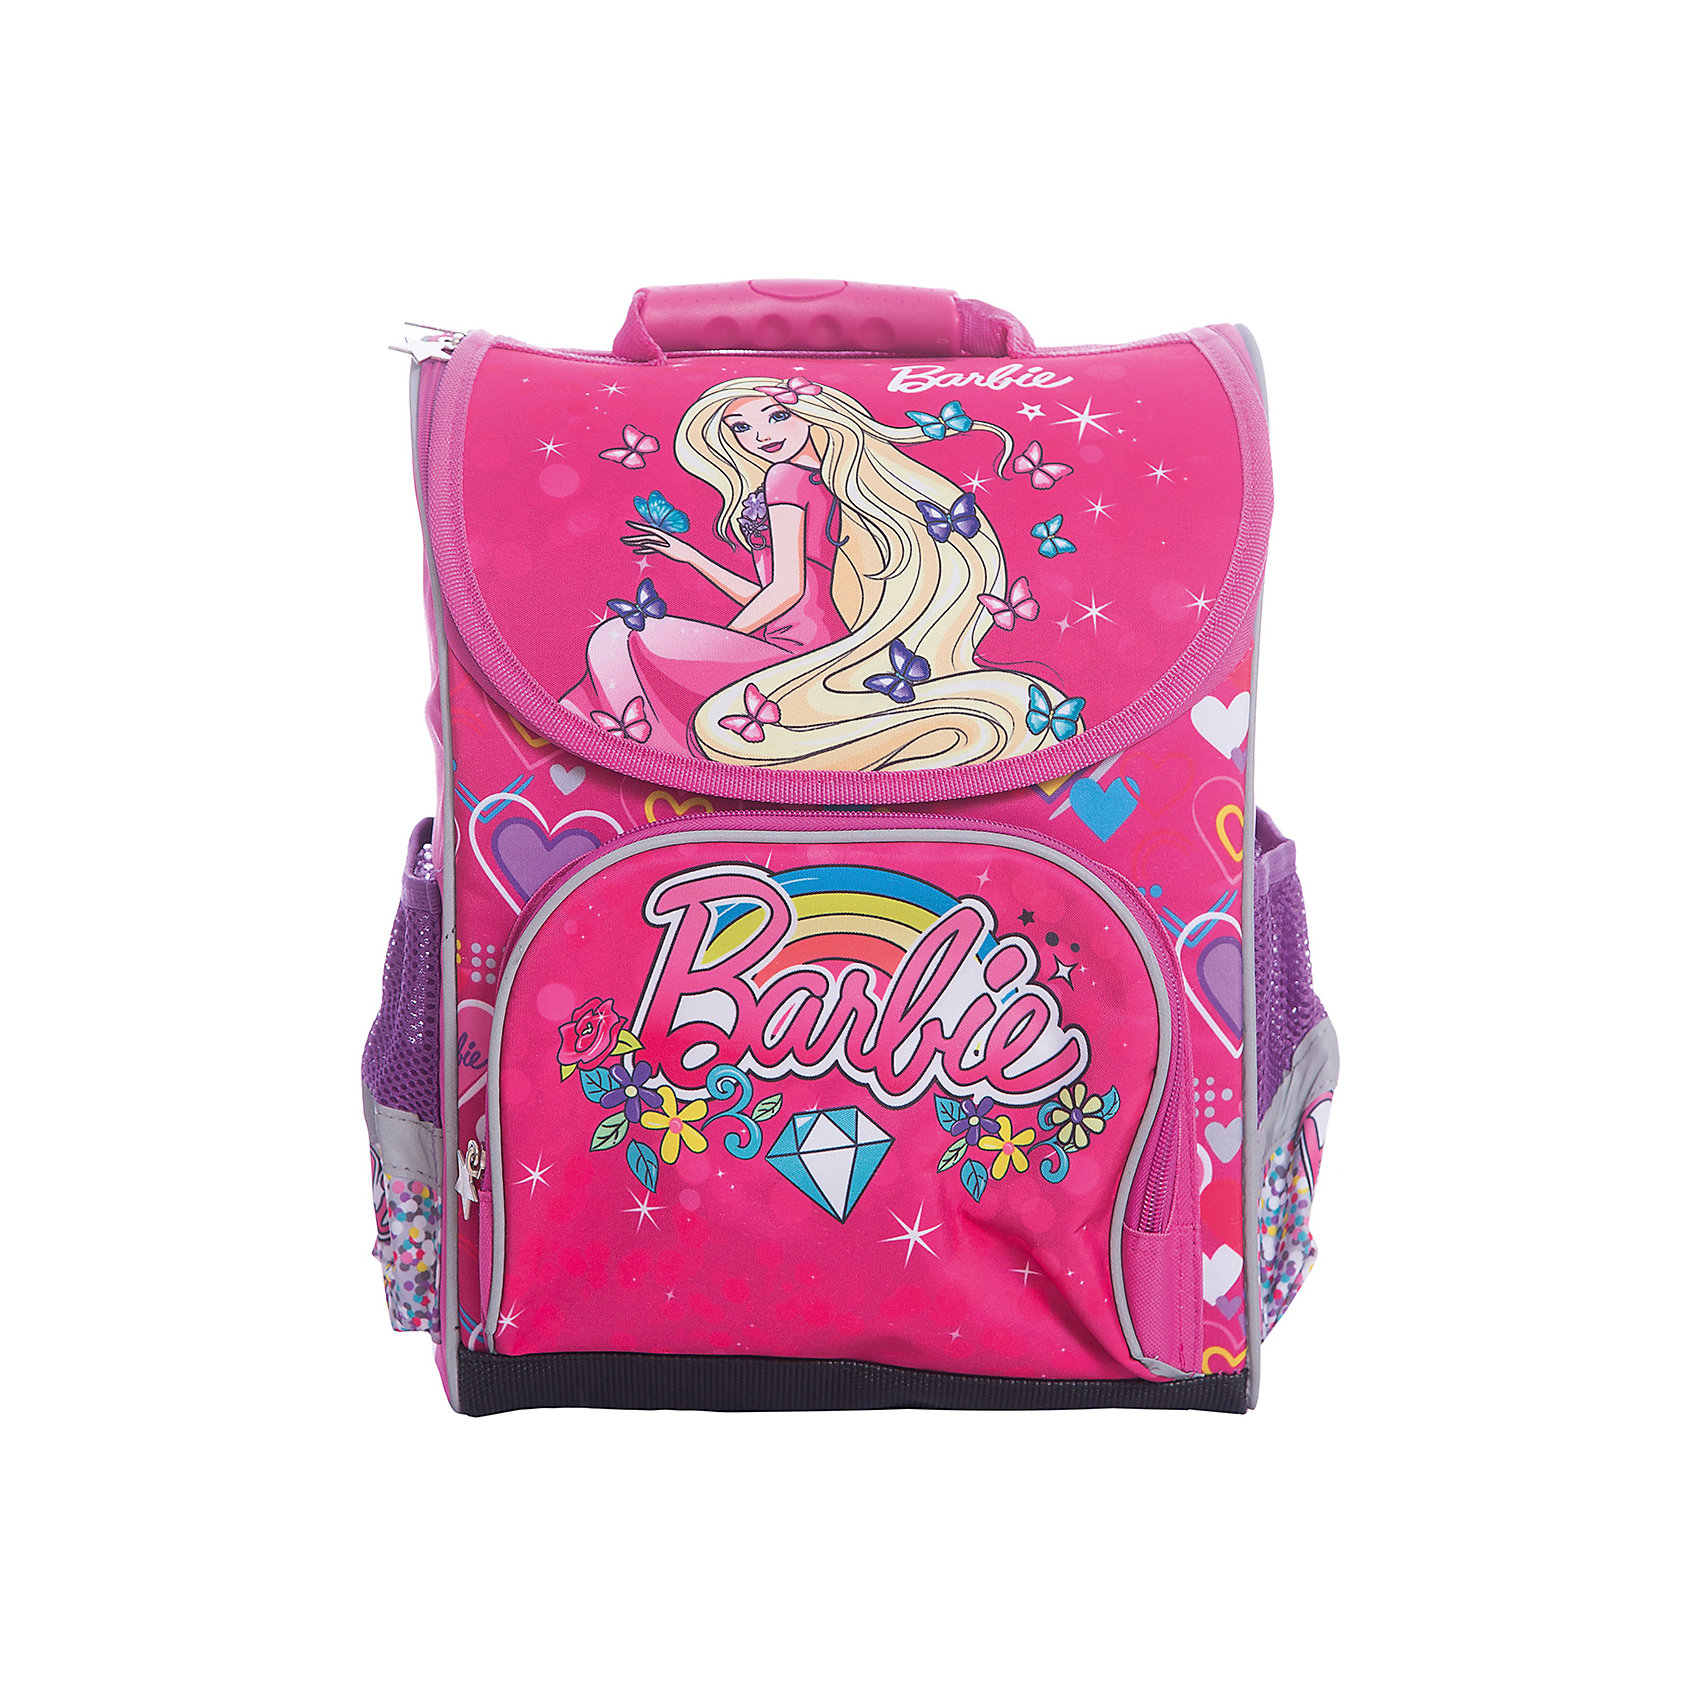 Ранец Limpopo Premium box Barbie, без наполненияBarbie<br>Вес: 850 граммов<br>Размер: 37*28*16 см<br>Наличие светоотражающих элементов: да<br>Материал: полиэстер<br>Спина: жесткая<br>Наличие дополнительных карманов внутри: да<br>Дно: мягкое с резиновыми накладками<br>Количество отделений внутри: 2<br>Боковые карманы: есть, на резинках<br>Вмещает А4: да<br>Подойдет для возраста  6-9 лет, для роста 122-146<br>Ранец Premium box предназначенный для учеников младших классов, выполнен в стильном, ярком дизайне, отличается надежной и крепкой конструкцией, которая придется по душе самому взыскательному покупателю. Жесткий каркас не позволит ранцу сгибаться и терять форму. Снаружи ранец оснащен двумя боковыми карманами- сеточками одним передним карманом на замке, а также устойчивым дном на ножках, защищающим от загрязнения. Внутри ранца находится вместительное отделение и карман на резинке. Модель ранца Premium box соответствует всем необходимым для здоровья и безопасности ребенка требованиям, а именно расположенными на лямках и передней части ранца световозвращающими элементами, широкими регулируемыми лямками, а также эргономичной спинкой, повторяющей естественный изгиб позвоночника.<br><br>Ширина мм: 370<br>Глубина мм: 280<br>Высота мм: 160<br>Вес г: 850<br>Возраст от месяцев: 72<br>Возраст до месяцев: 108<br>Пол: Женский<br>Возраст: Детский<br>SKU: 7025659